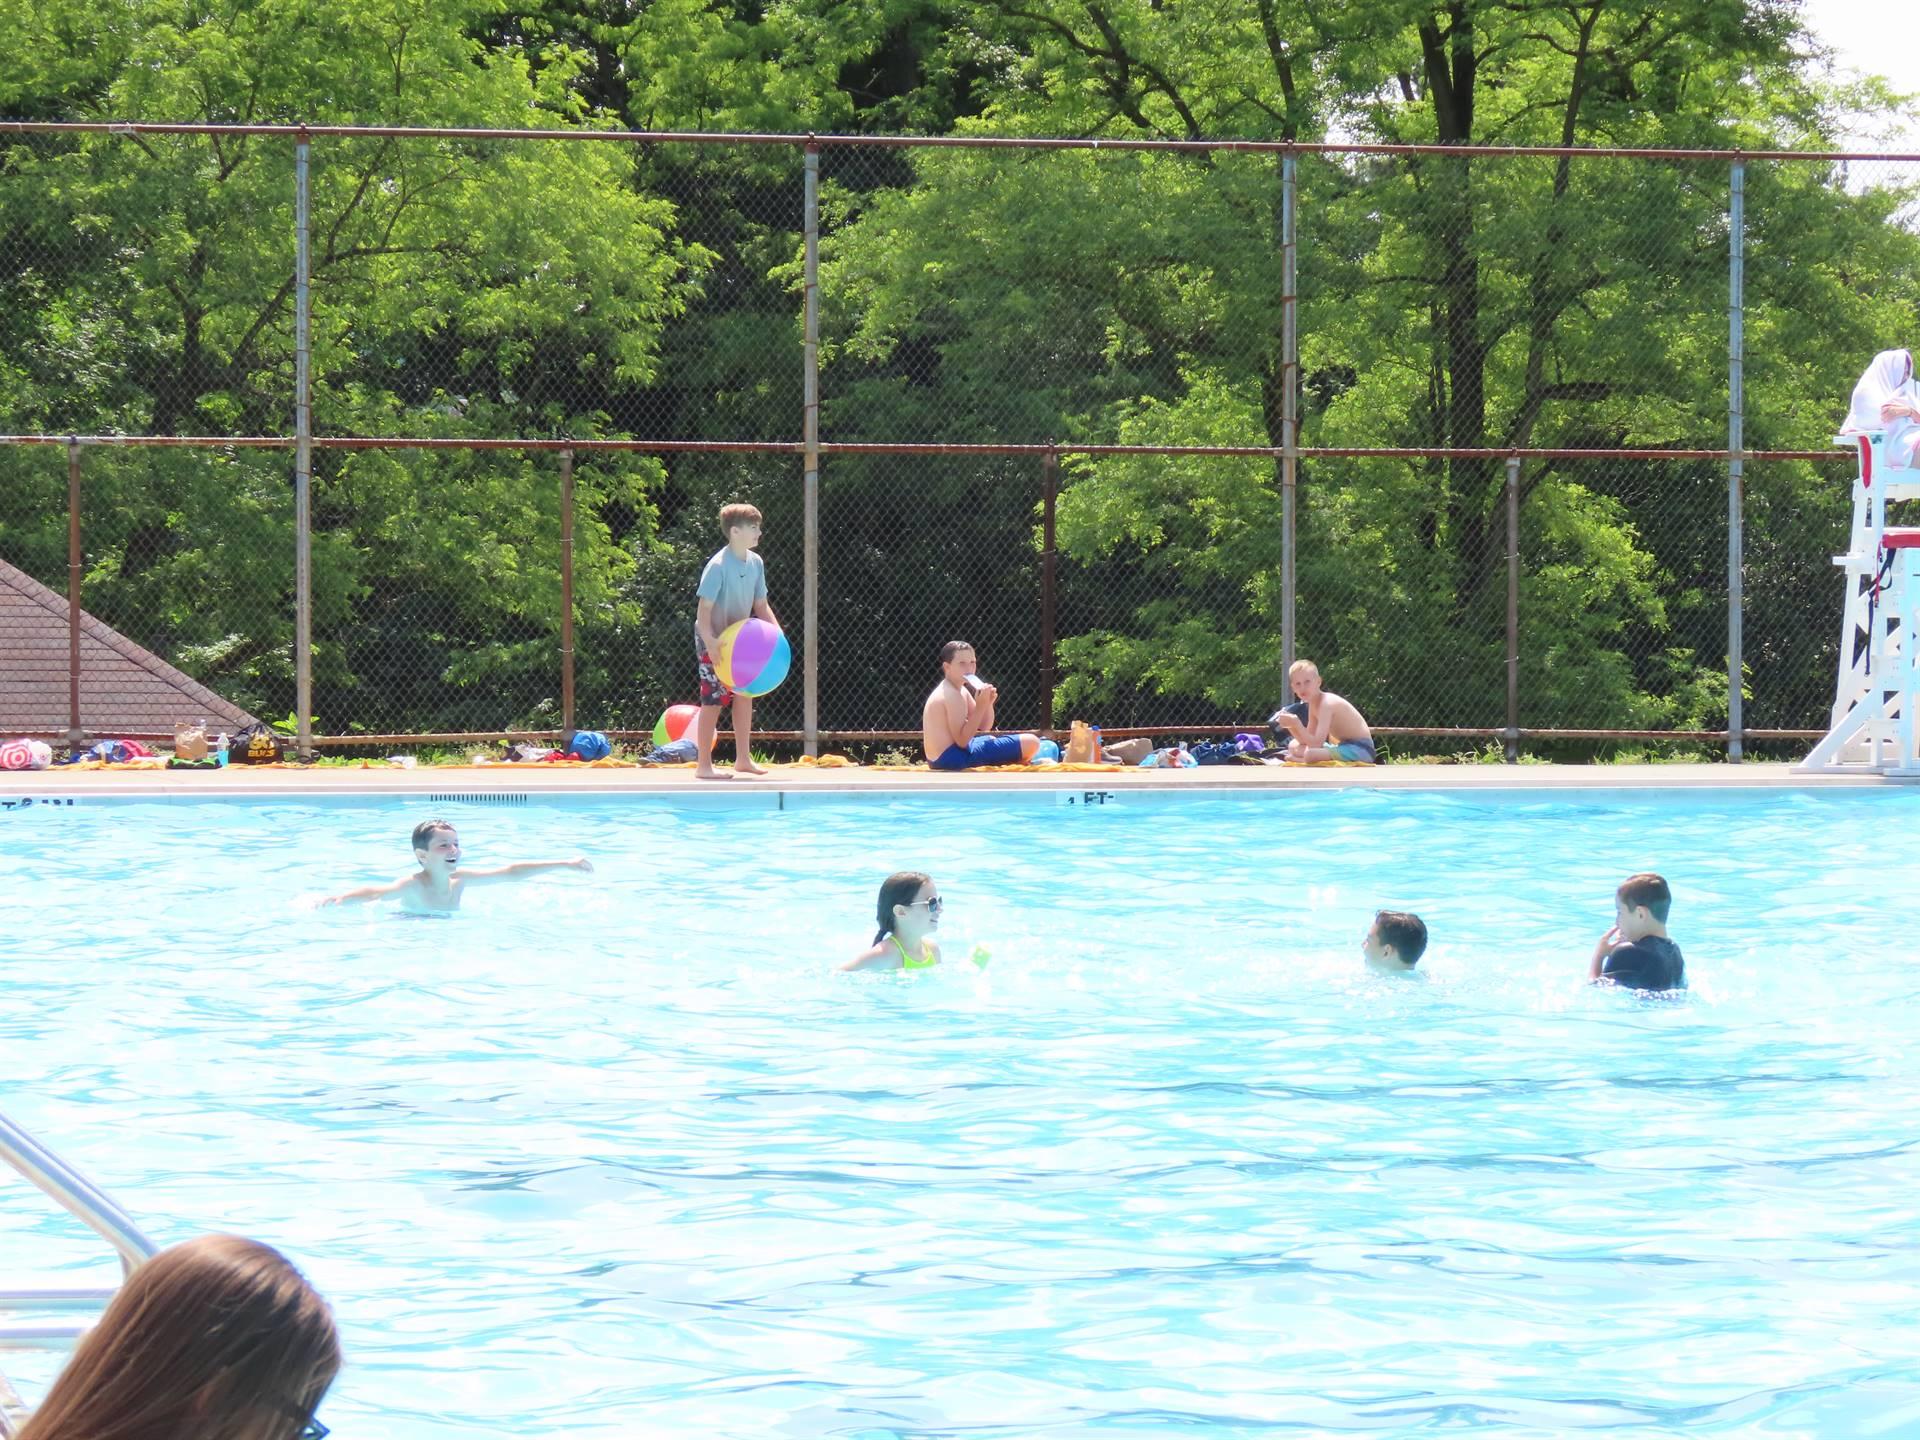 Kids at swimming pool